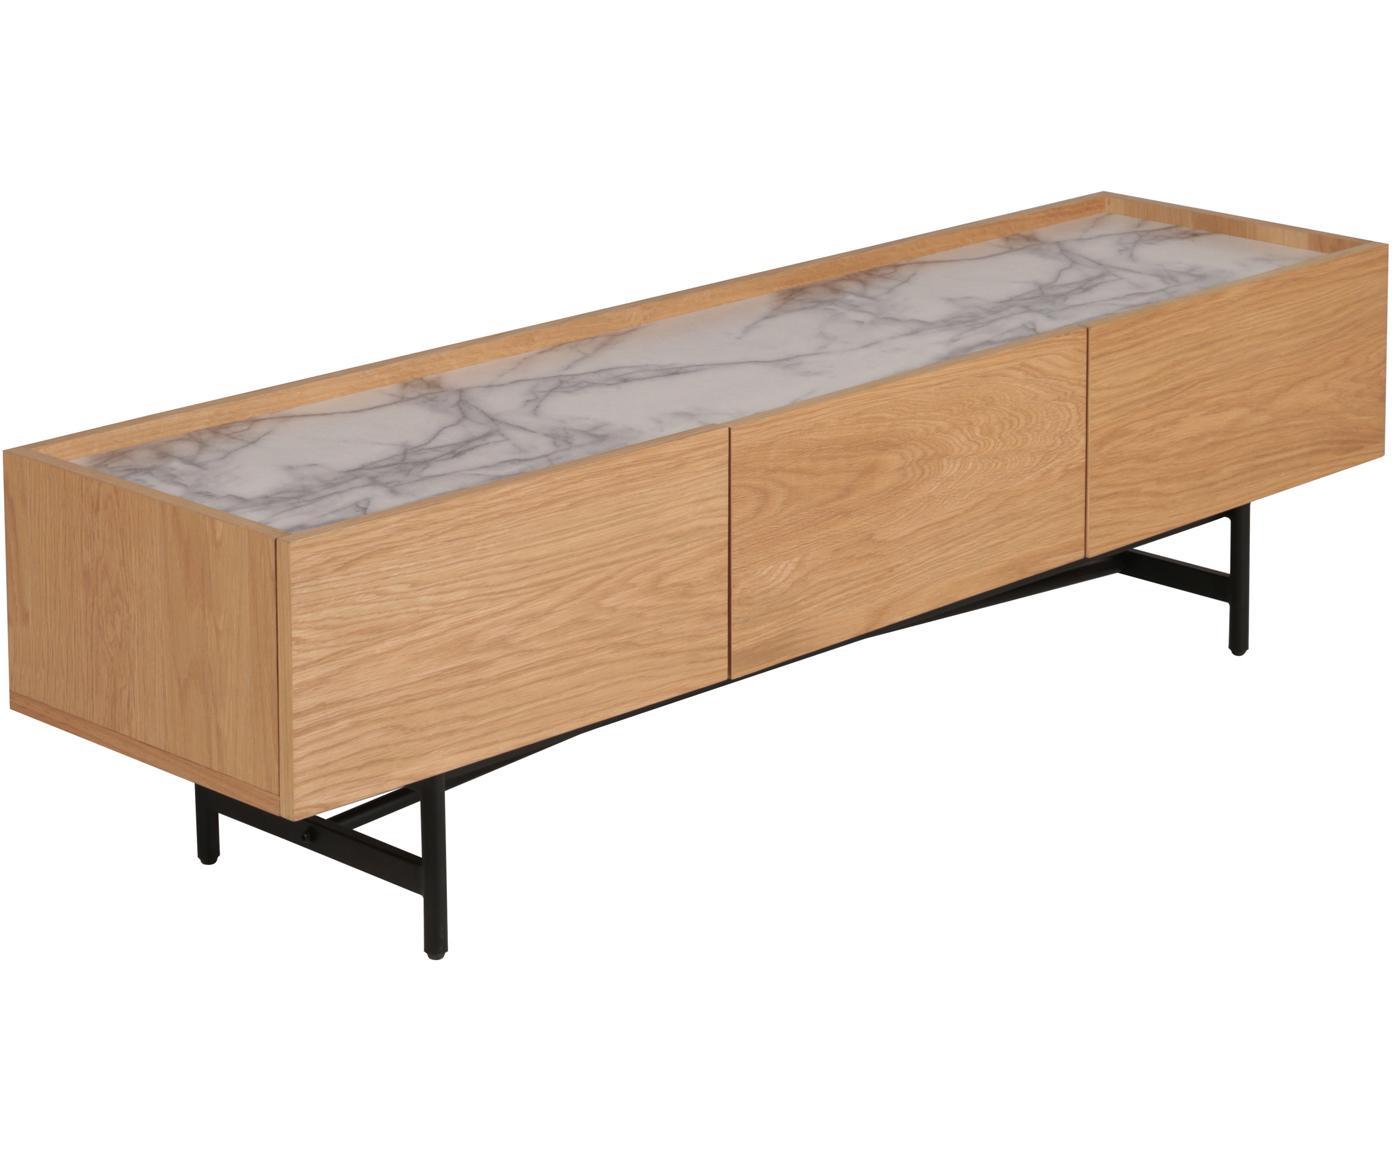 Mueble de TV Carare, Estructura: tablero de fibras de dens, Patas: metal recubierto, Tablero: mármol, Marrón, negro, mármol gris, An 160 x Al 45 cm